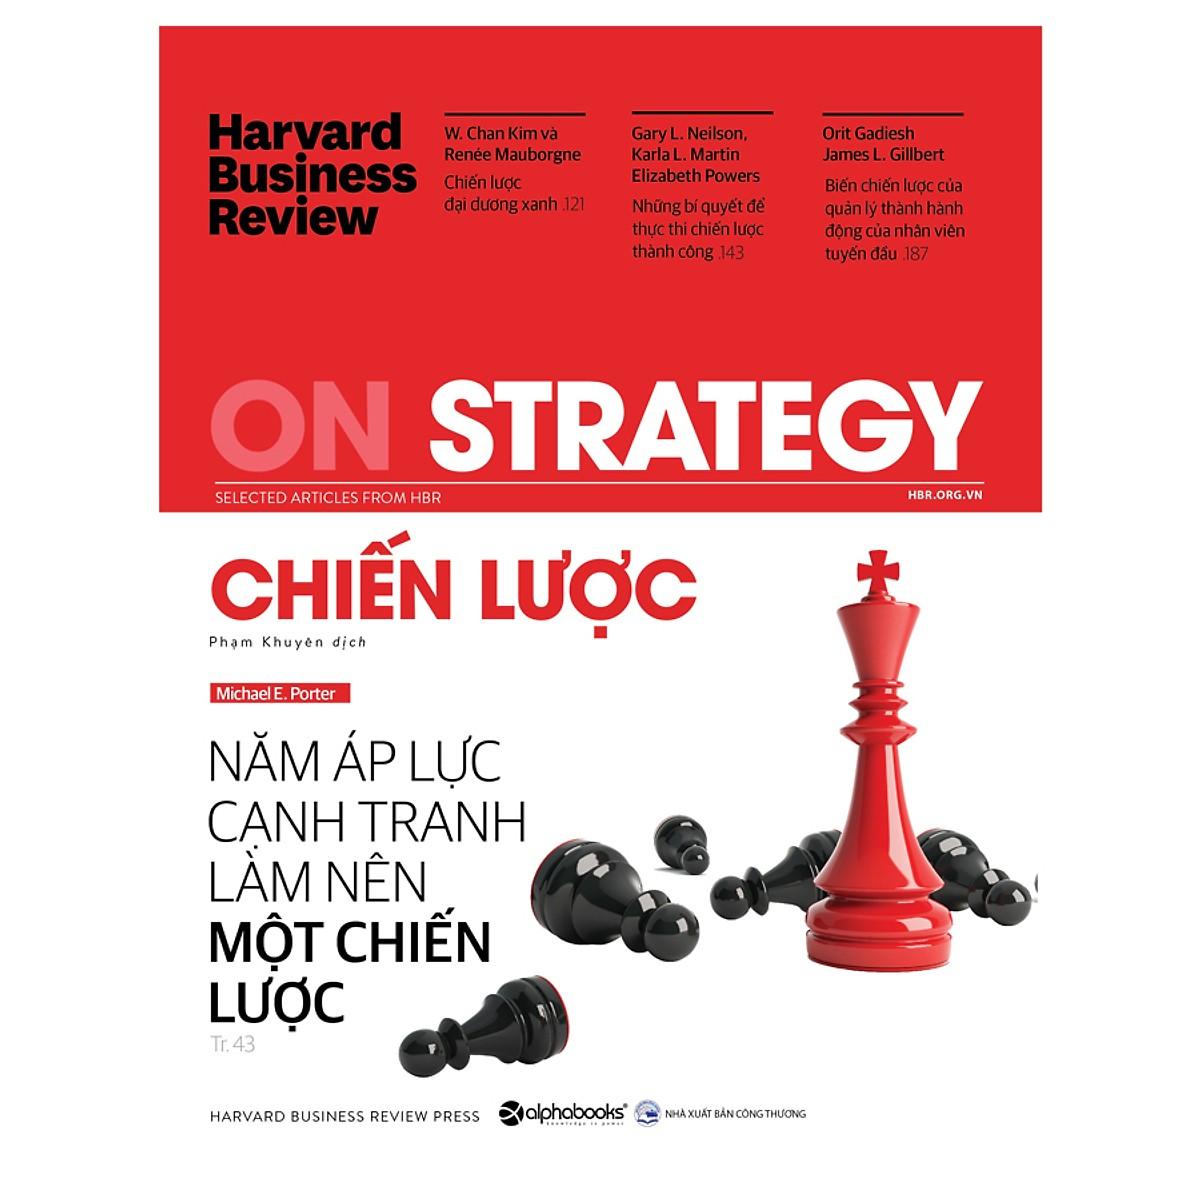 HBR On Strategy - Chiến Lược (Quà Tặng Card đánh dấu sách đặc biệt)